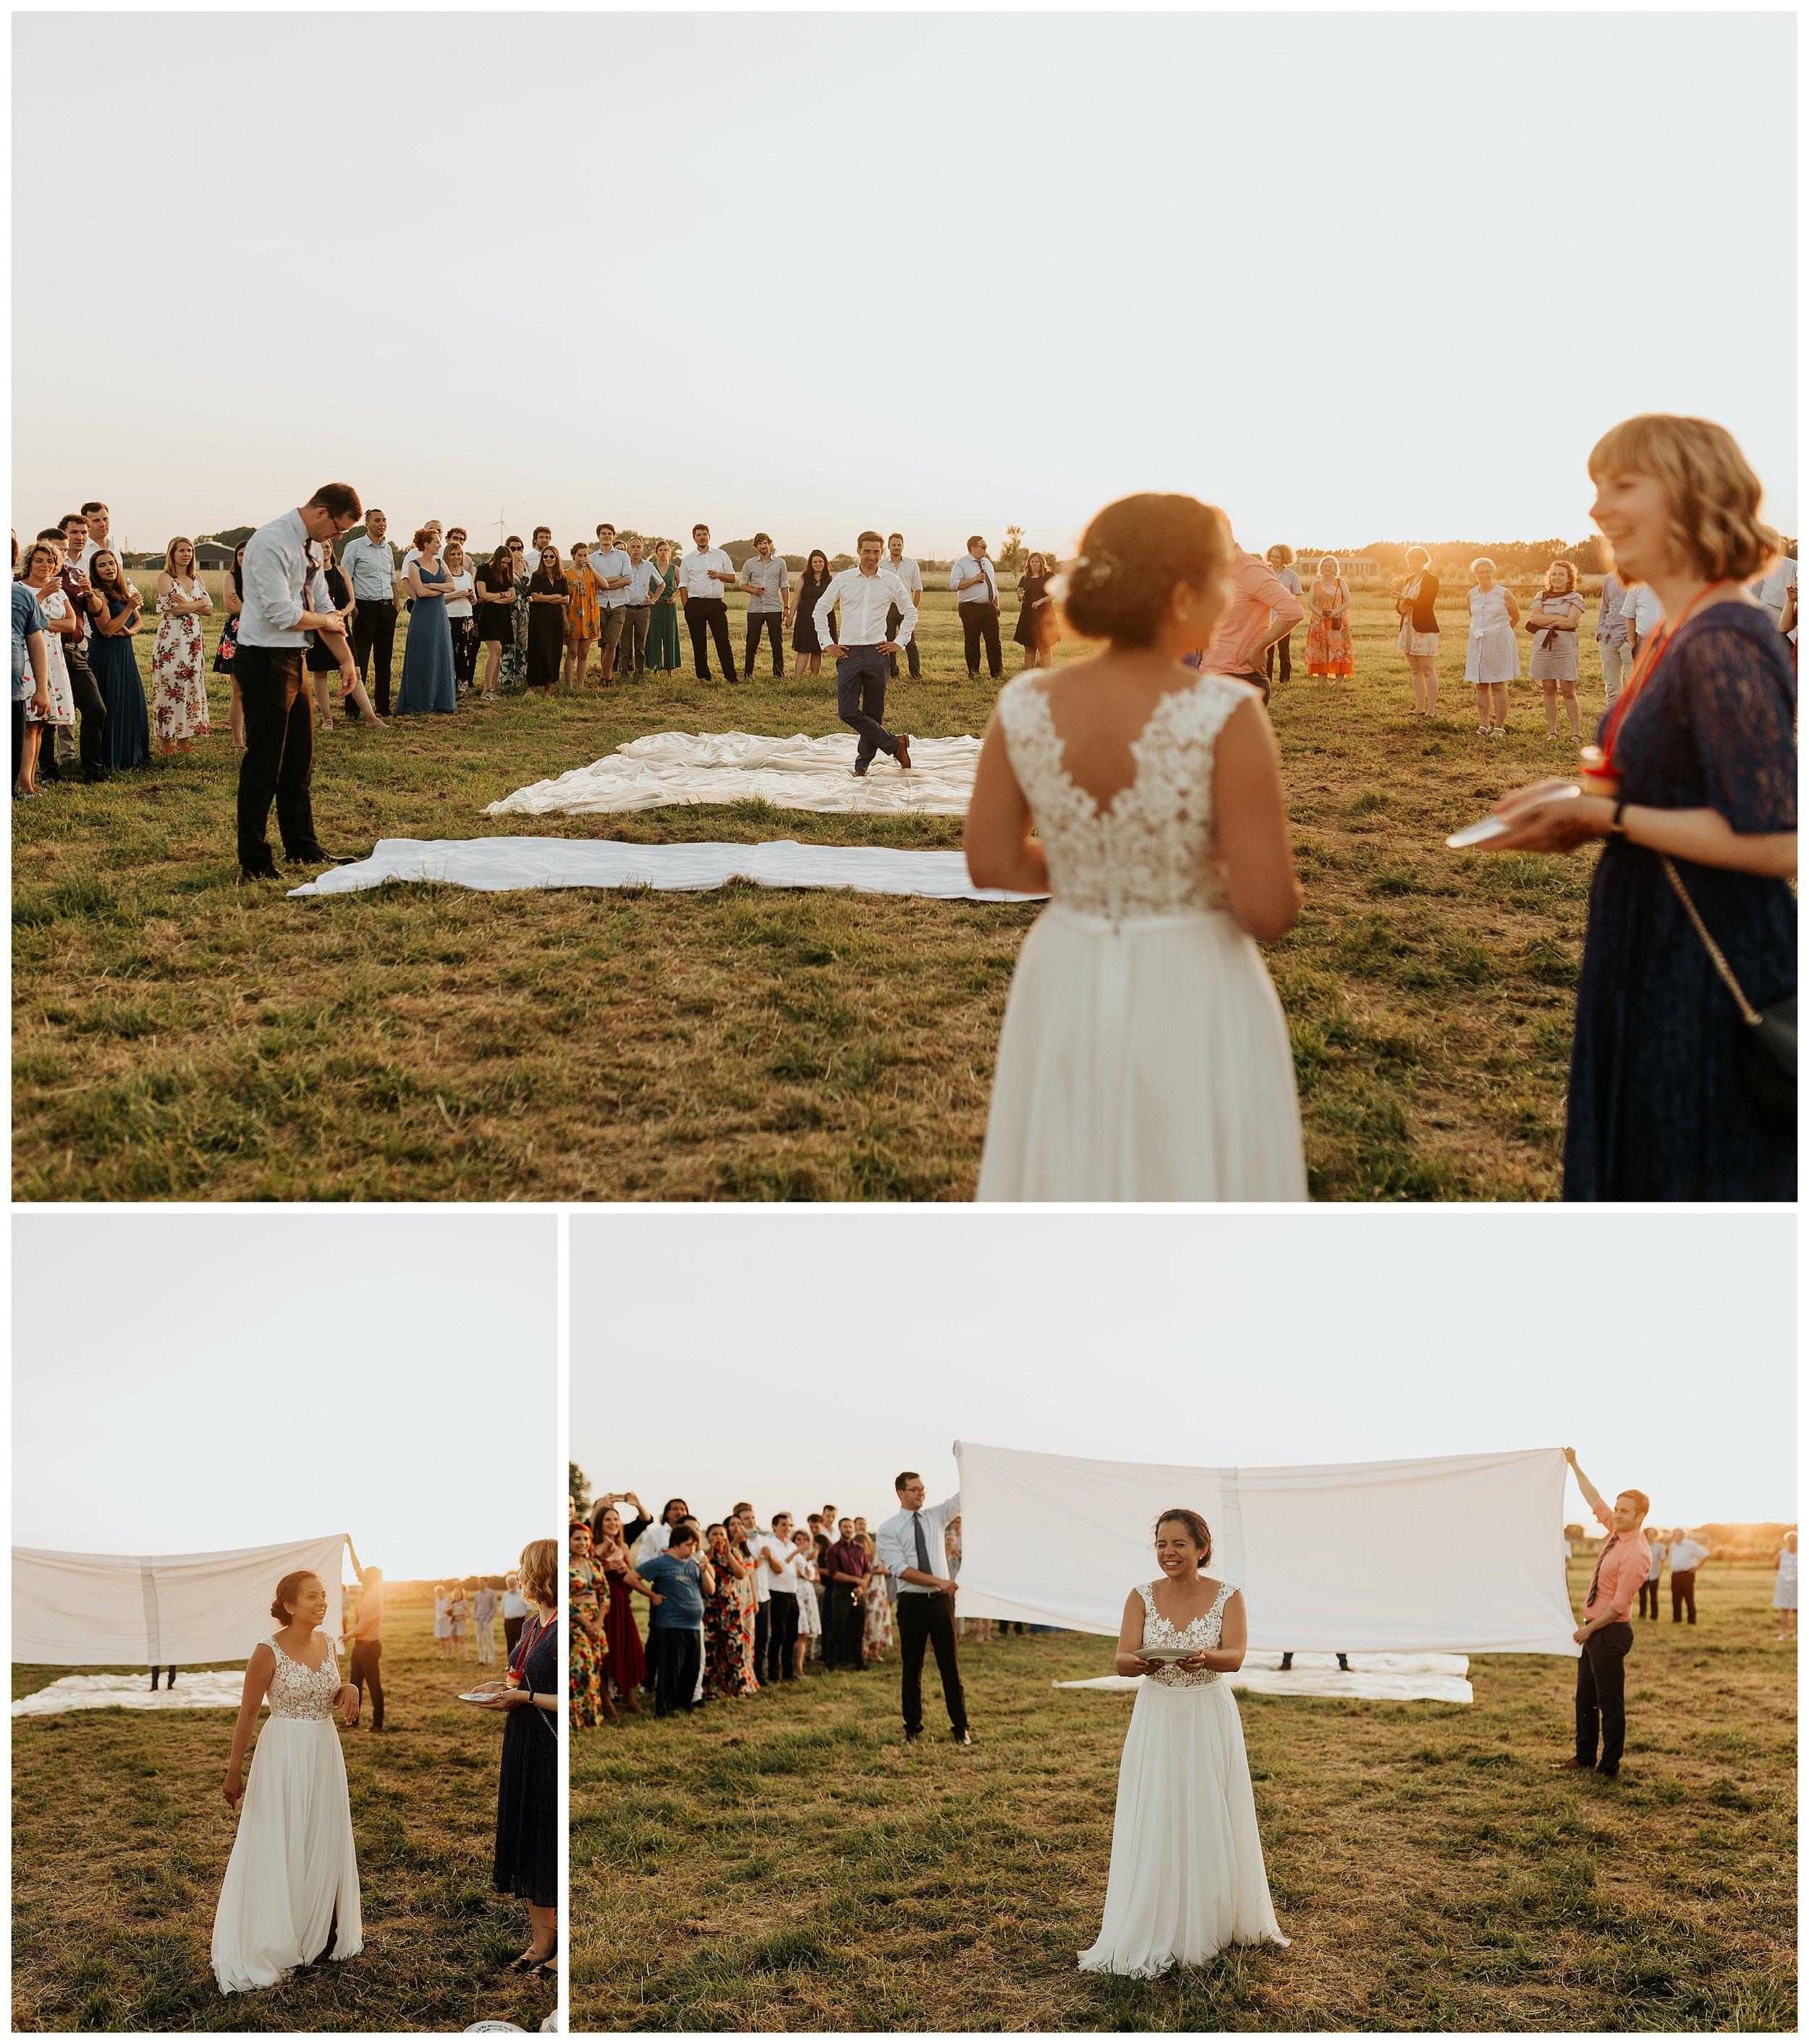 huwelijksfotograaf-huwelijksfotografie-knokke-heist-lisa-helsen-photography-trouwfotograaf-trouwfoto-sabine-pieter_0037.jpg